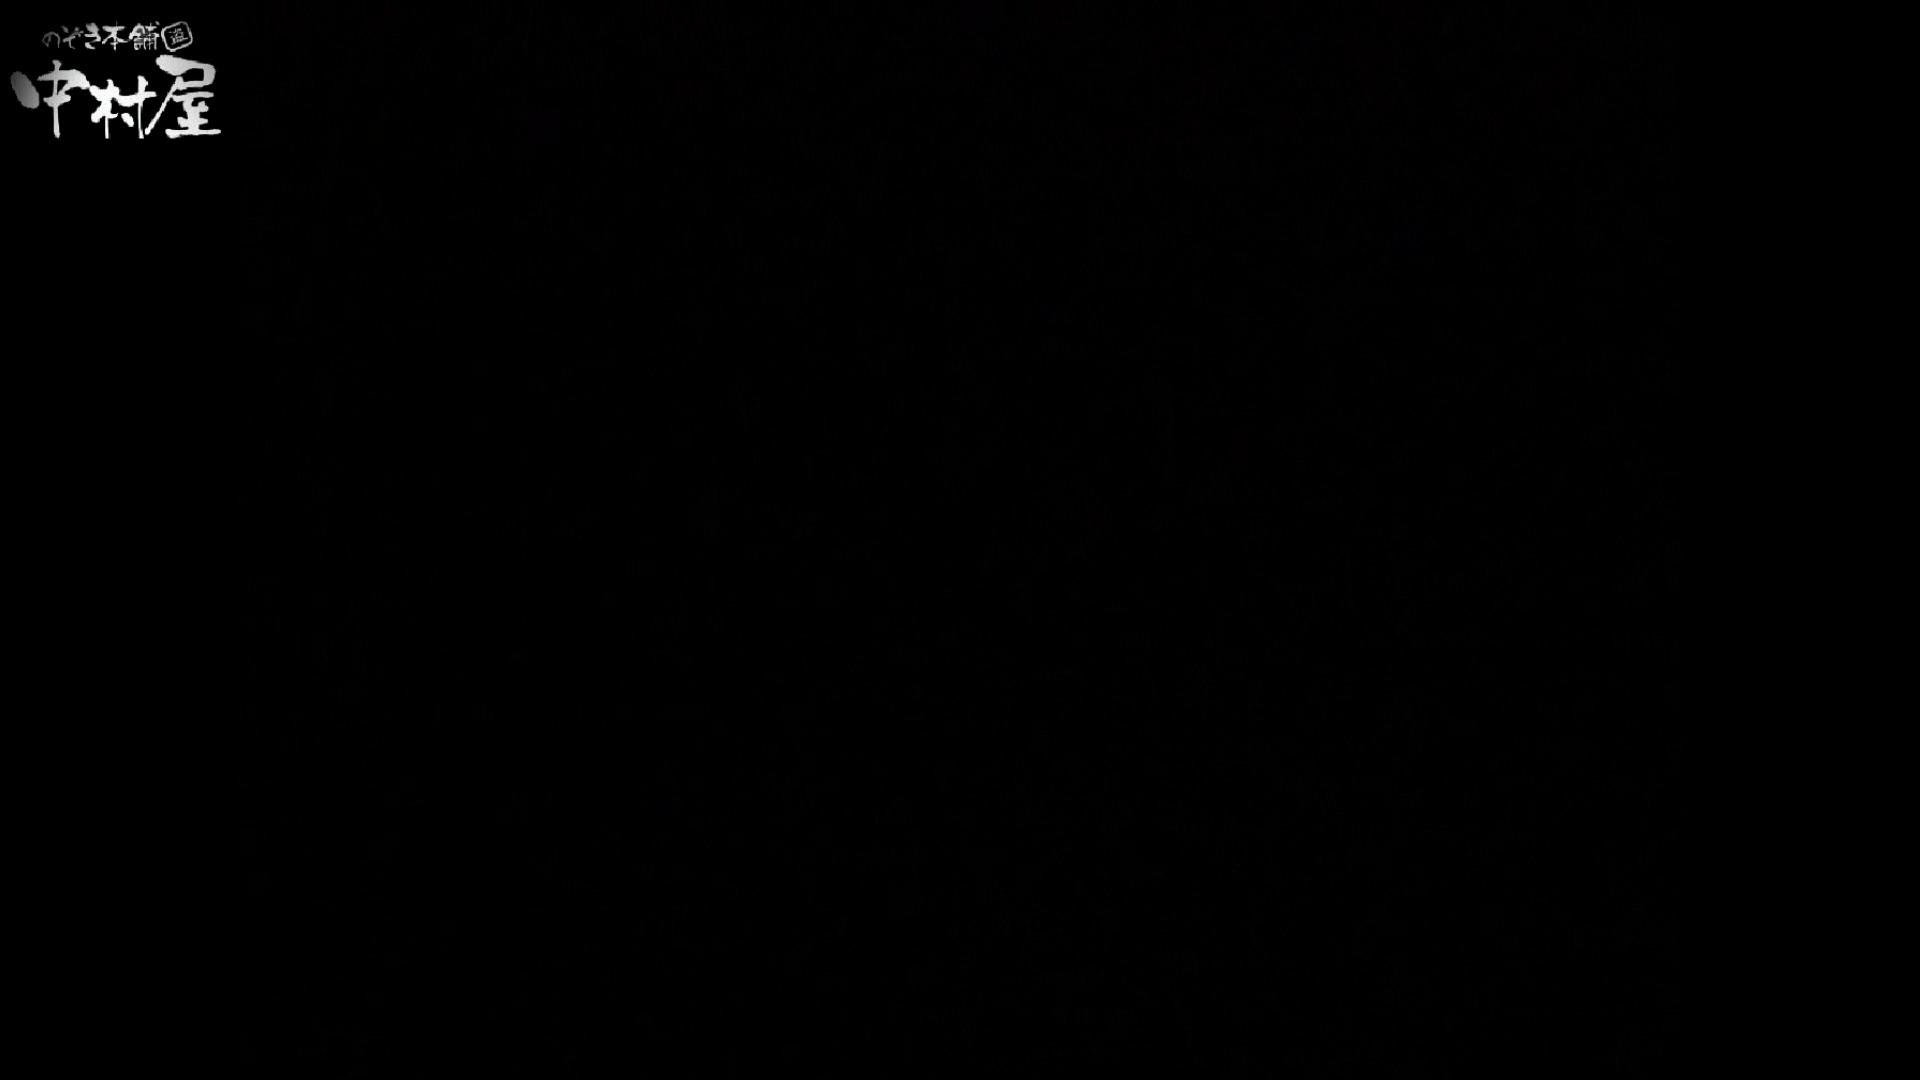 民家風呂専門盗撮師の超危険映像 vol.010 美少女女体  98連発 24